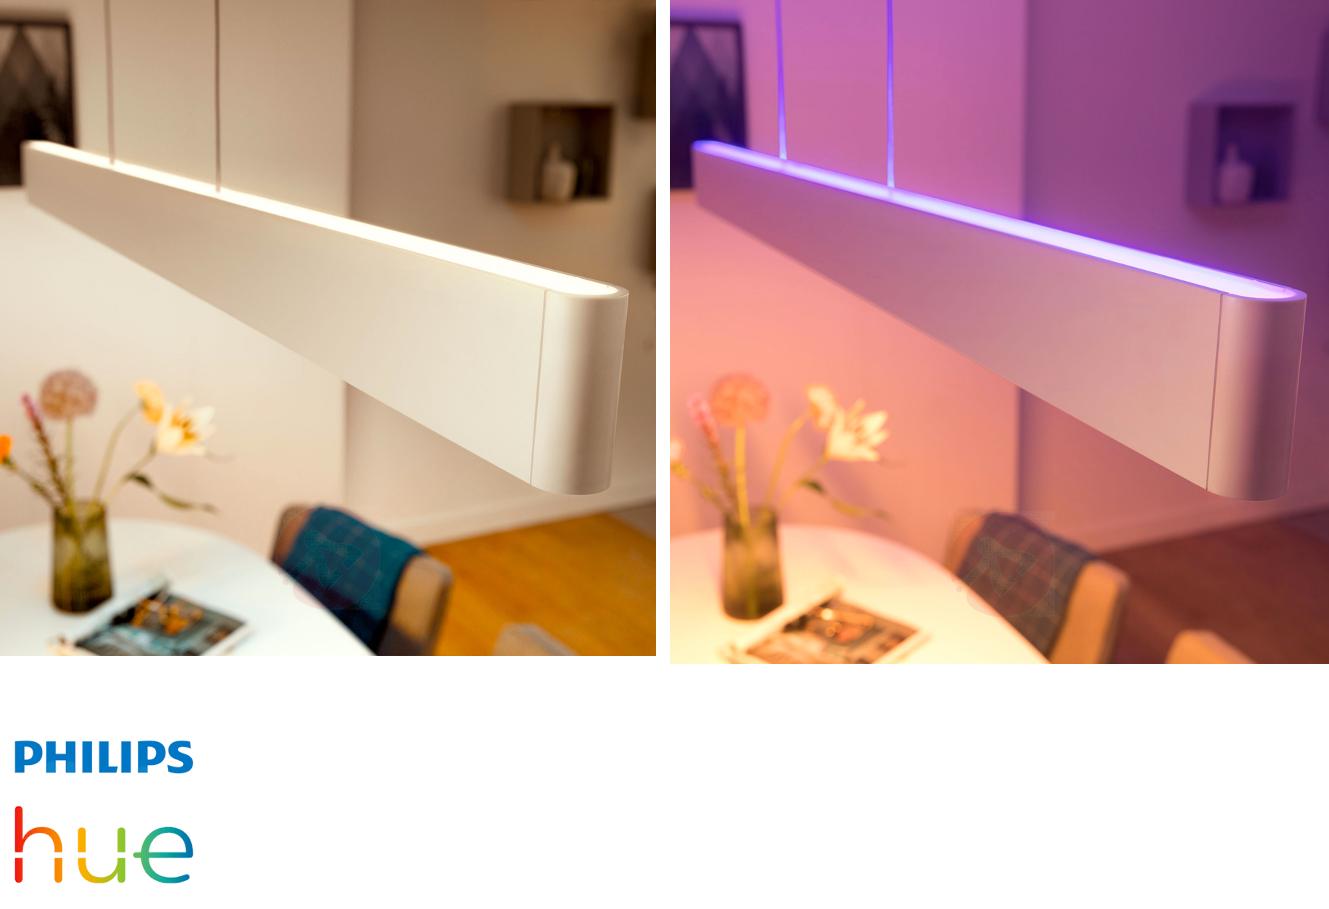 Lichtfarbenänderung mit Philips Hue